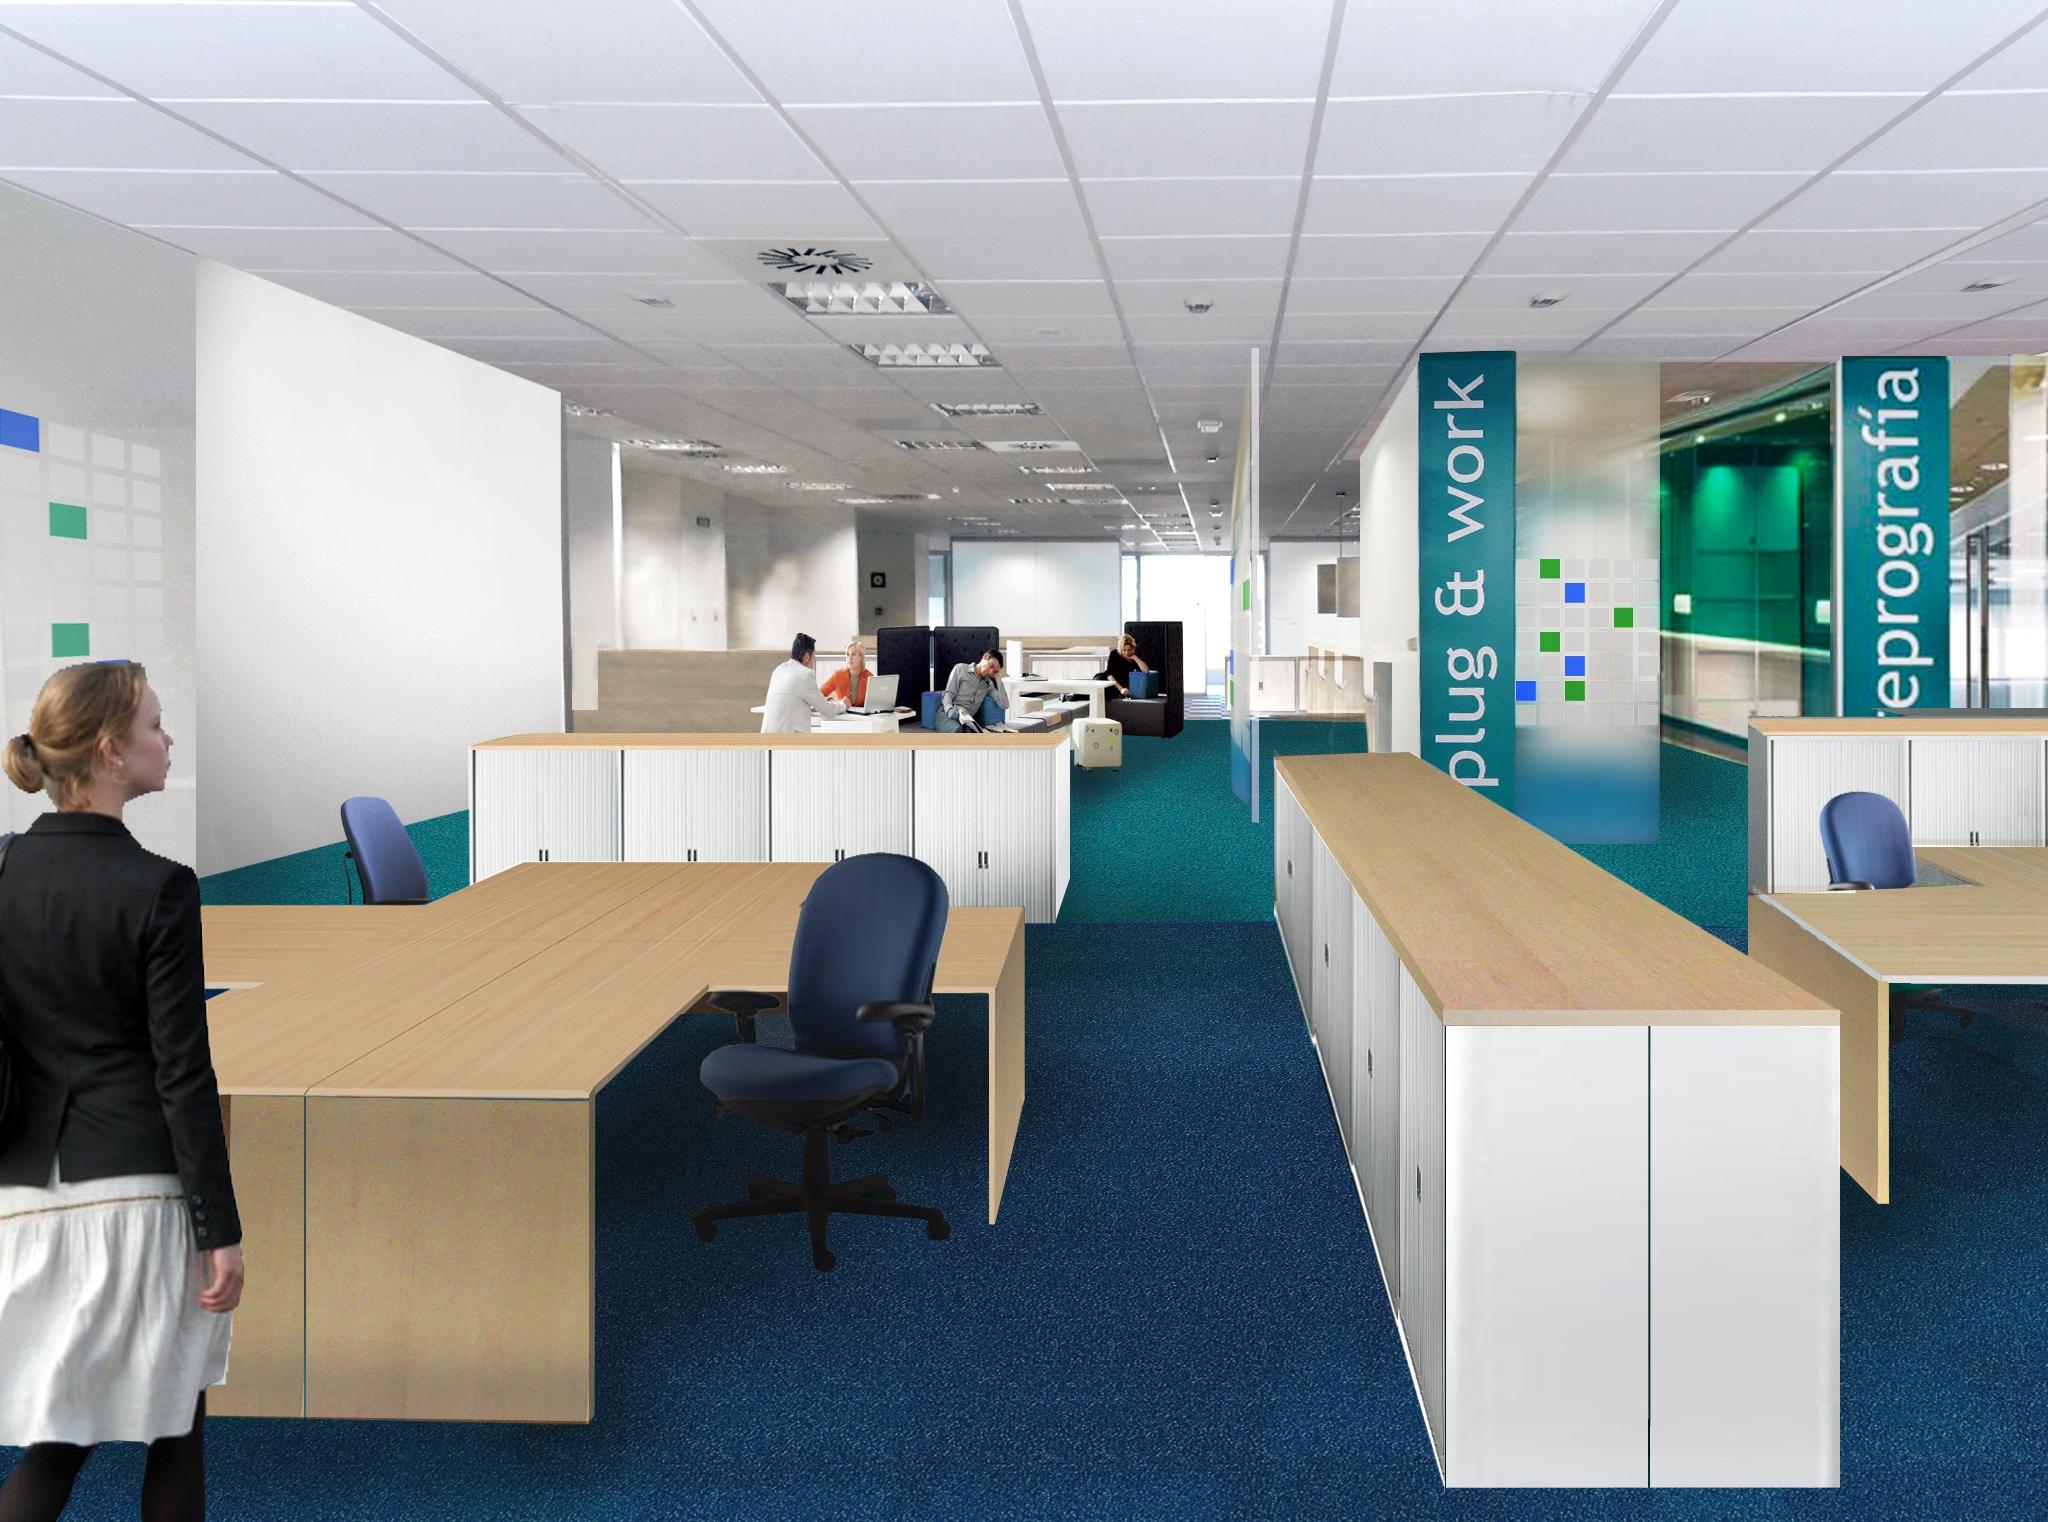 Acondicionamiento de espacios para oficinas y Headquarters